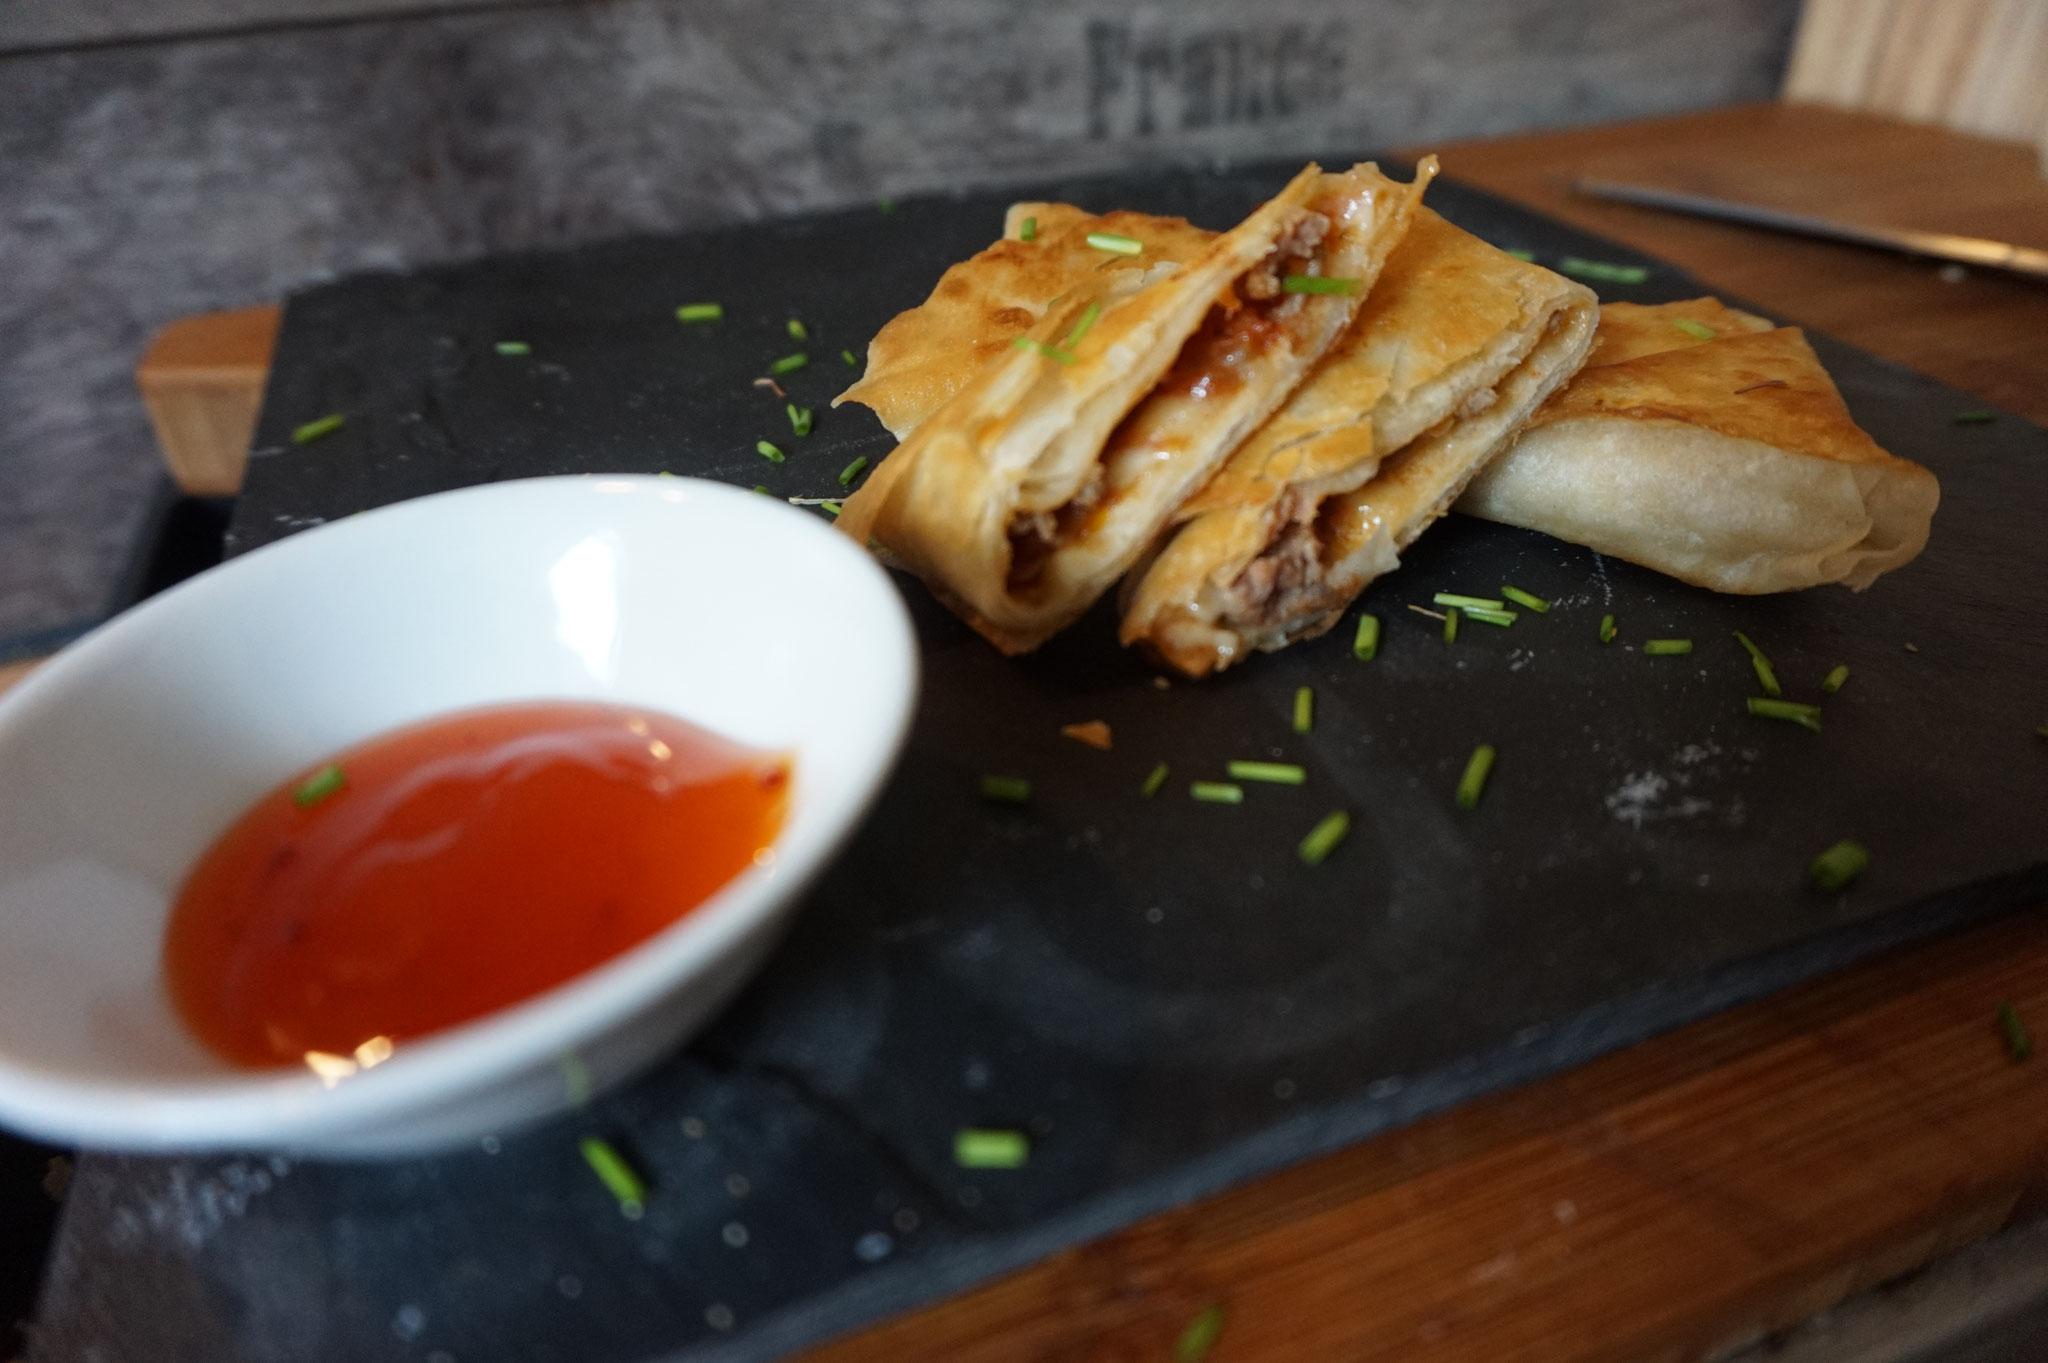 einfache Samosa Teigtaschen mit Chili con Carne